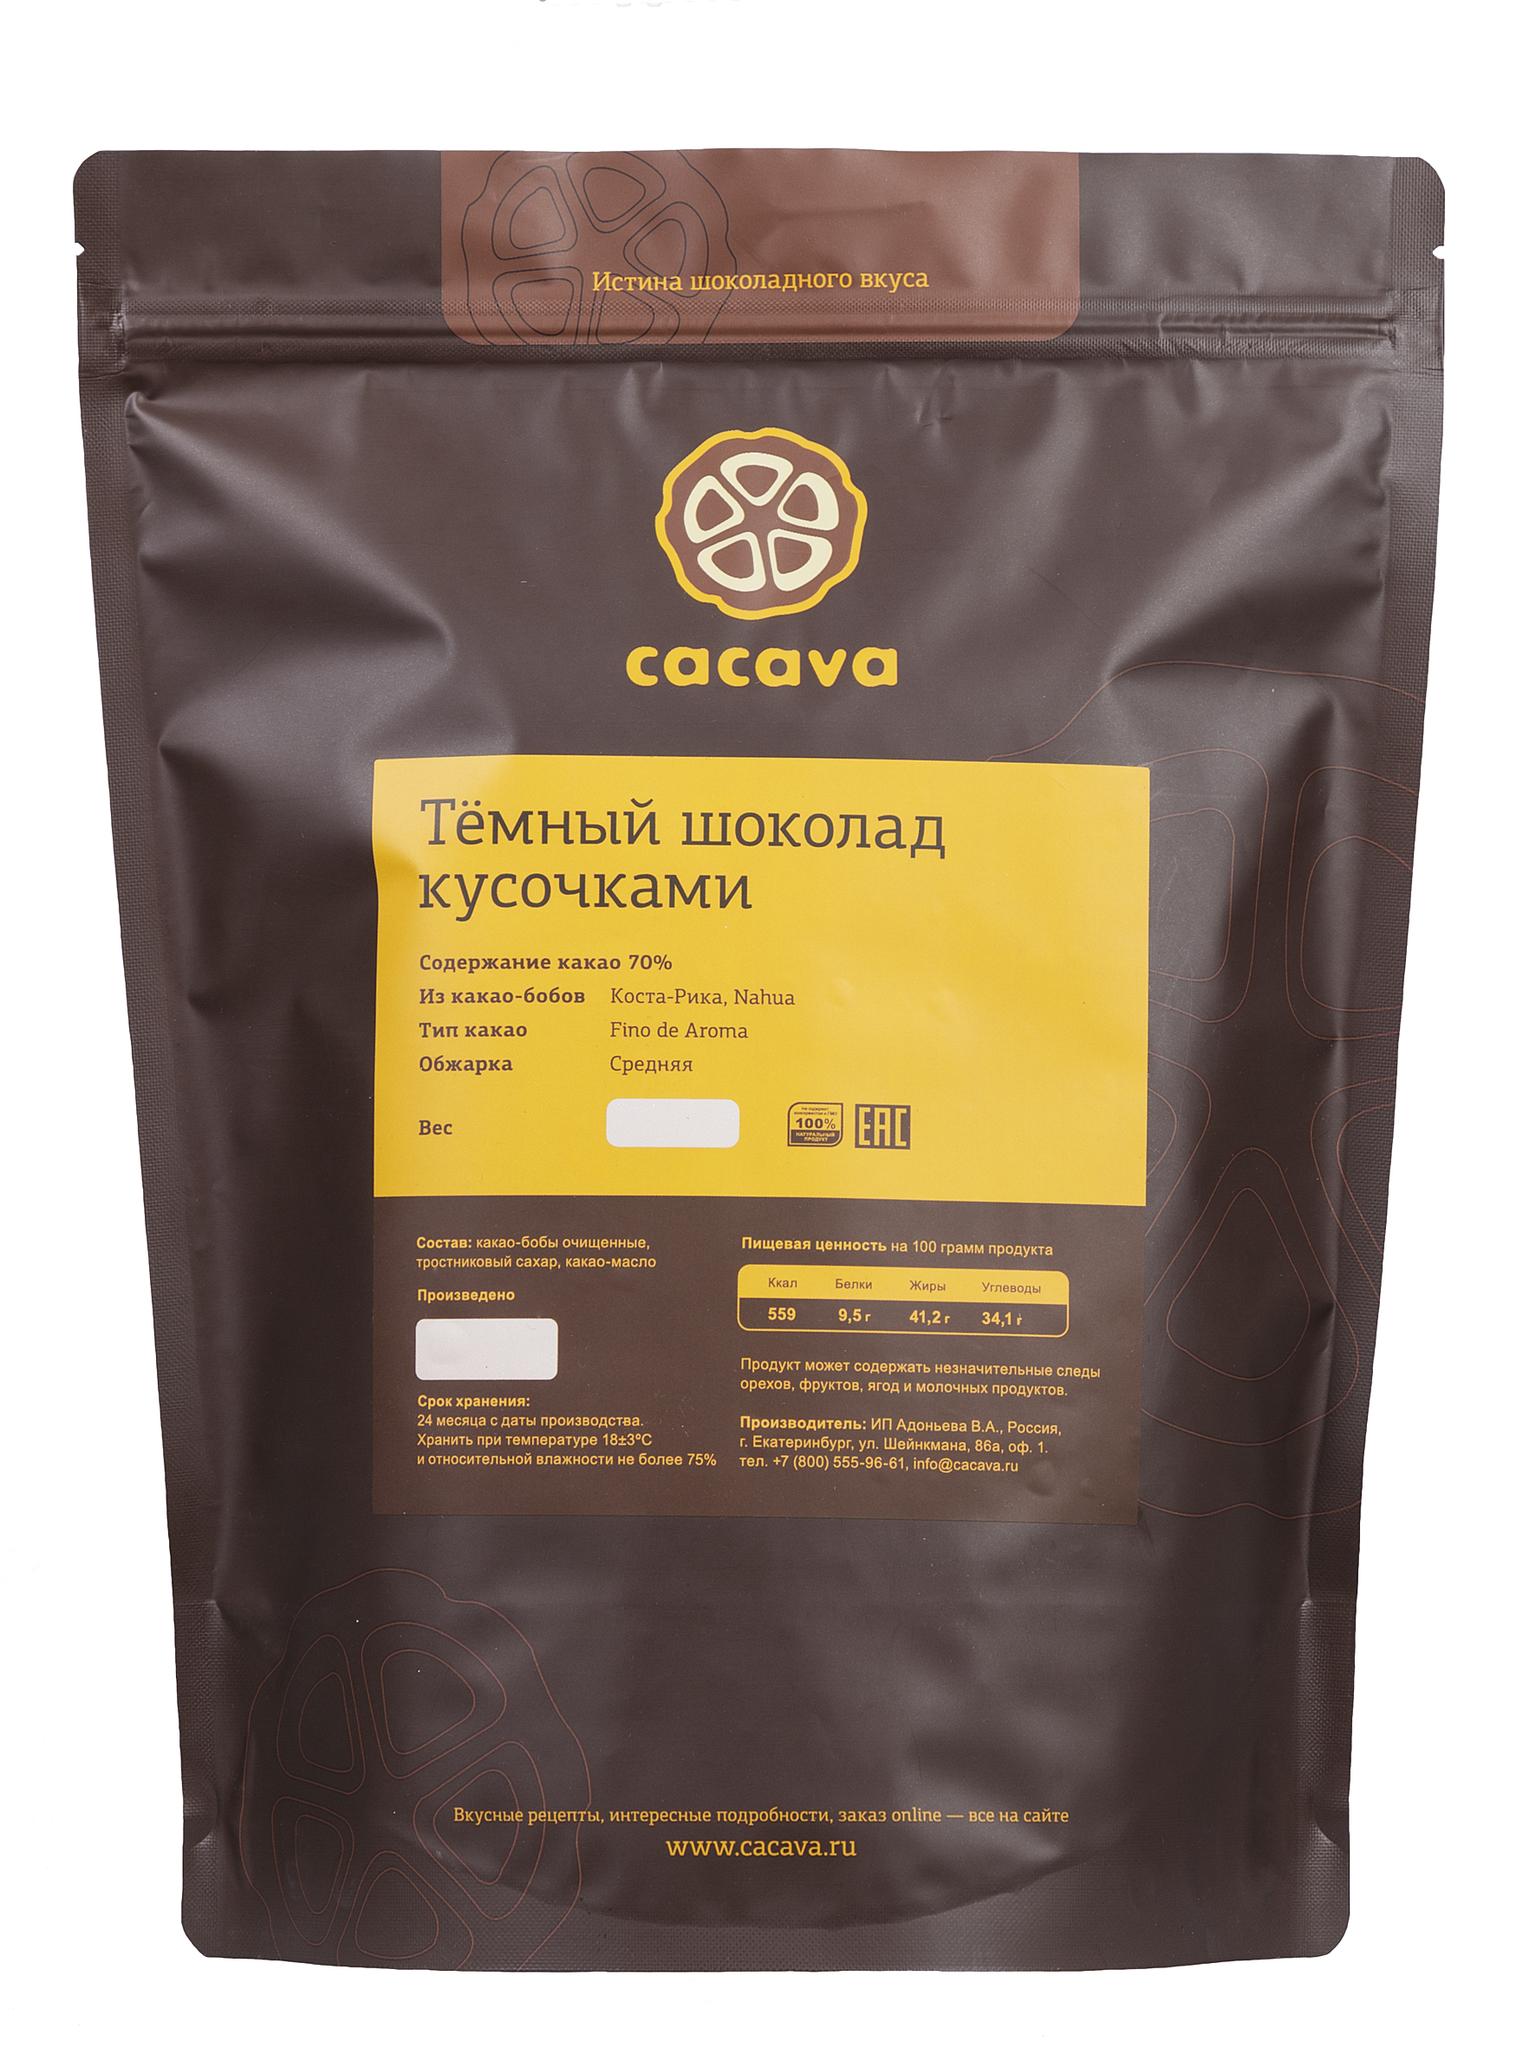 Тёмный шоколад 70 % какао (Коста-Рика), упаковка 1 кг